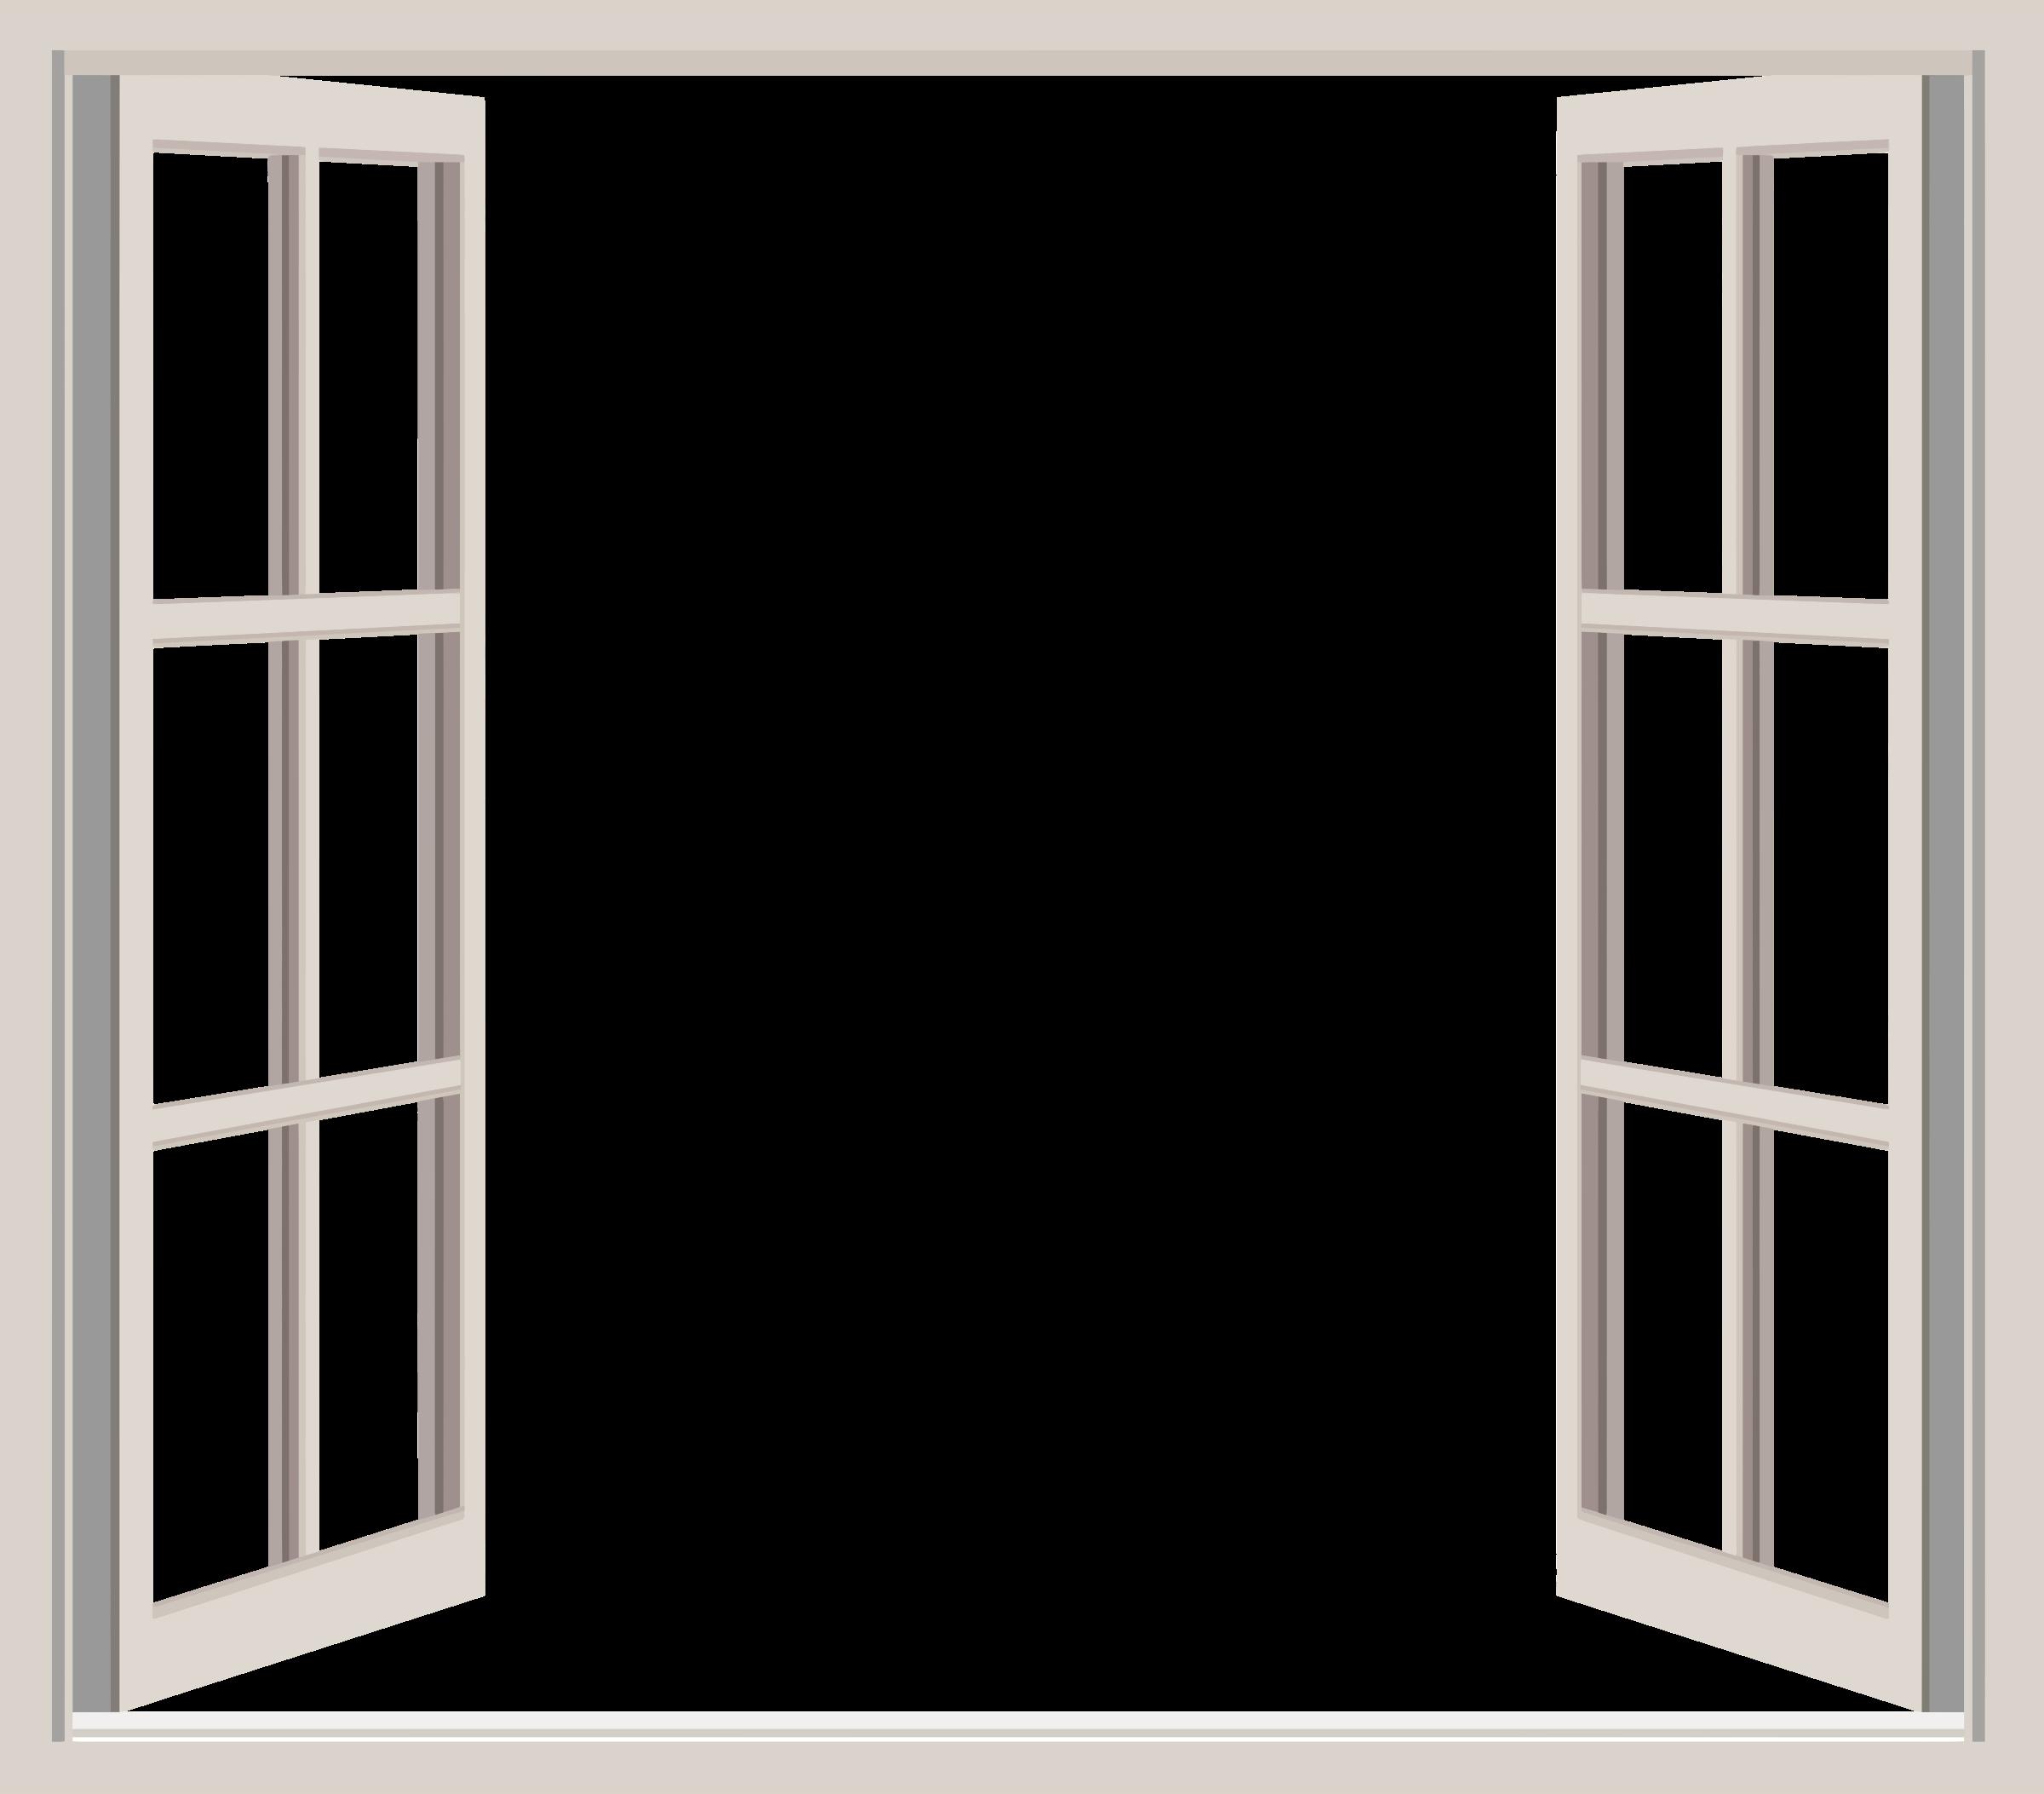 Furniture clipart window door. Clever open glass pencil